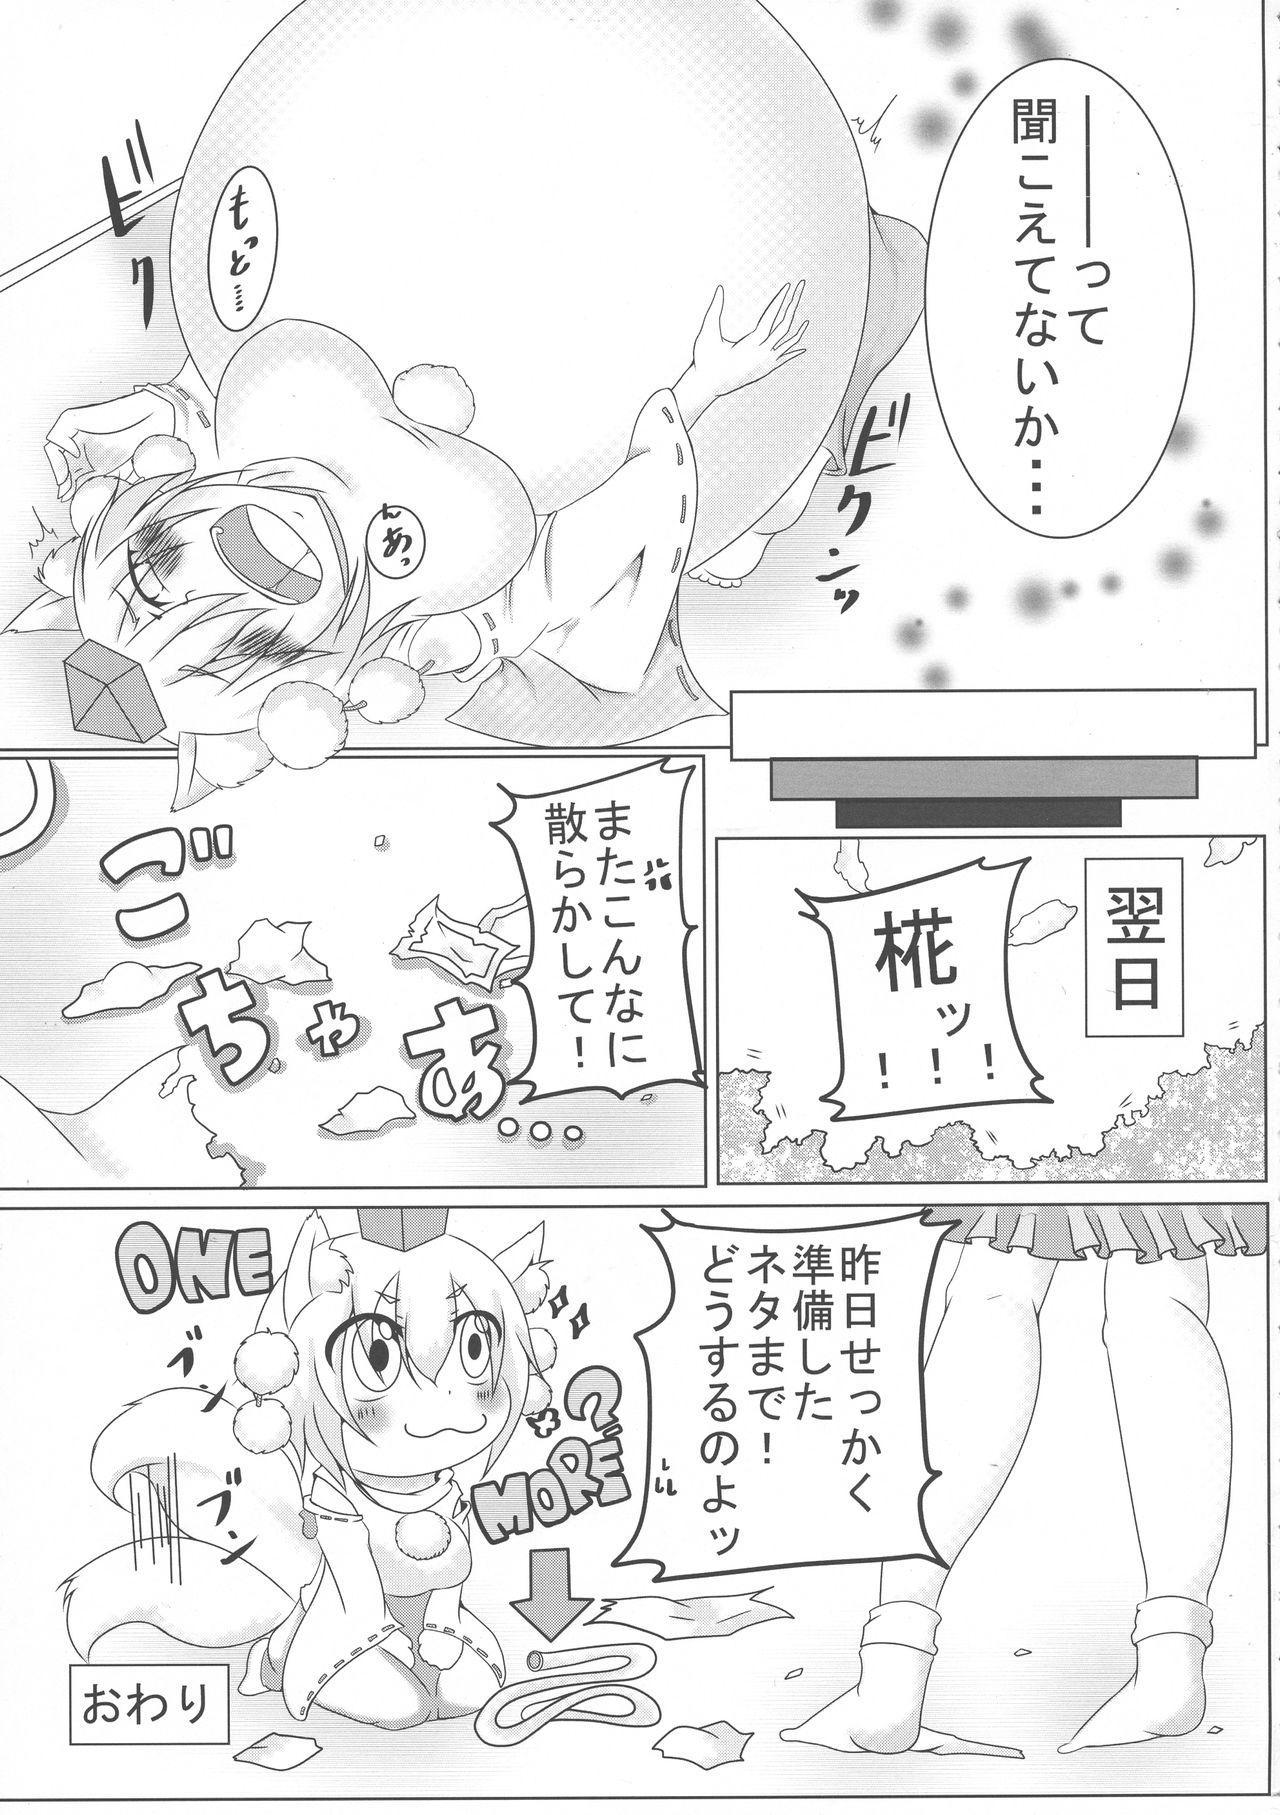 (Reitaisai 15) [HORIC WORKS (Various)] Touhou Bouchou-kei Sougou Goudou-shi `Boujo 2!!!!!!!!' (Touhou Project) 30